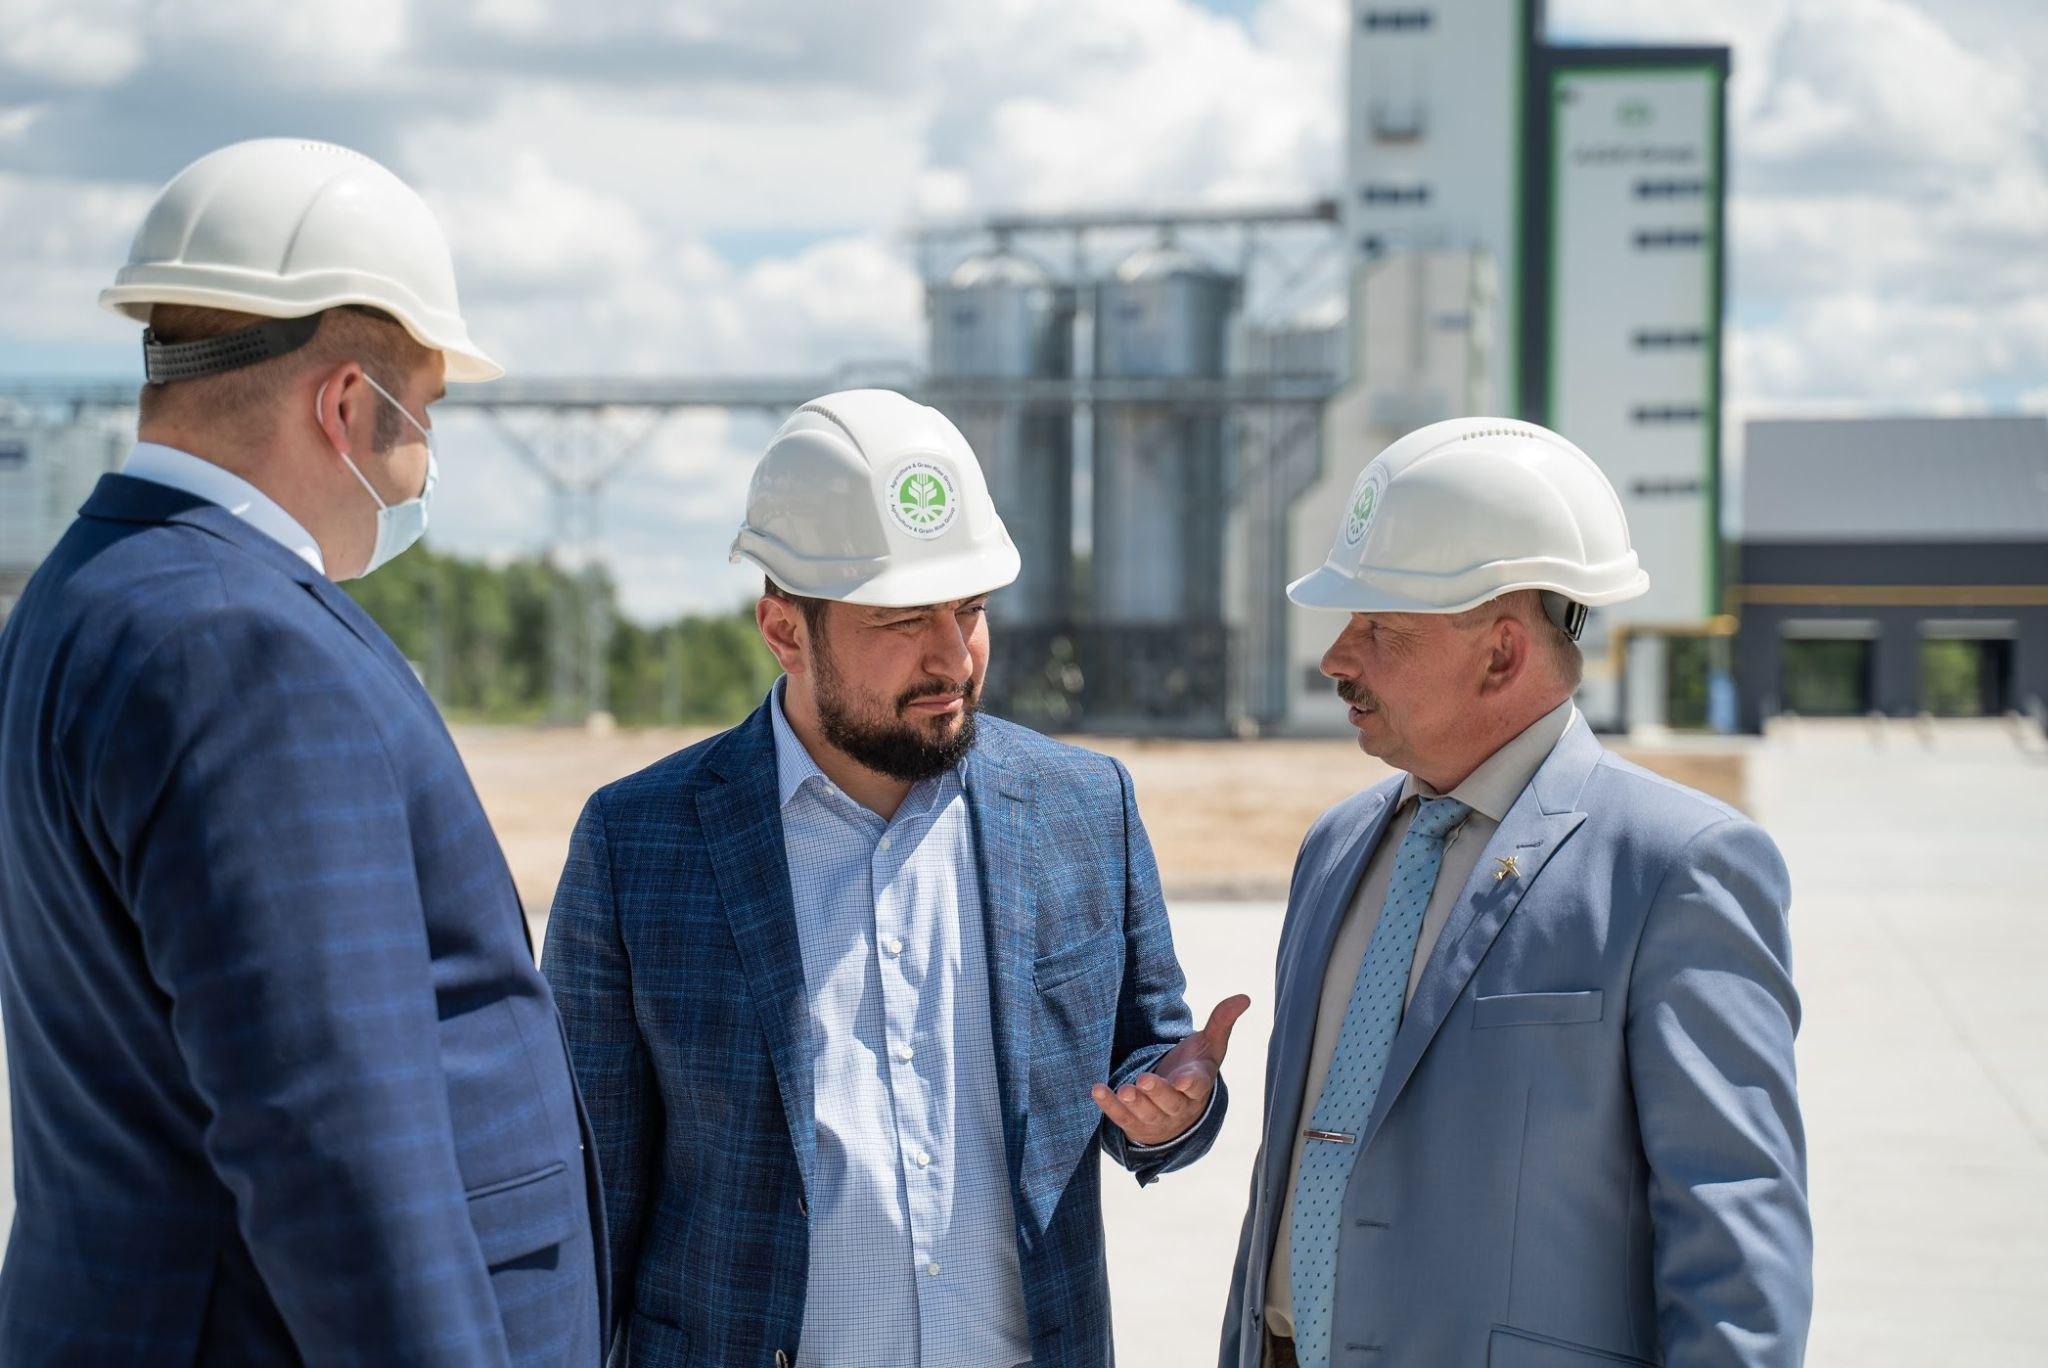 Мисак Хидирян перед открытием элеваторного комплекса в г. Середина-Буда, Сумской области